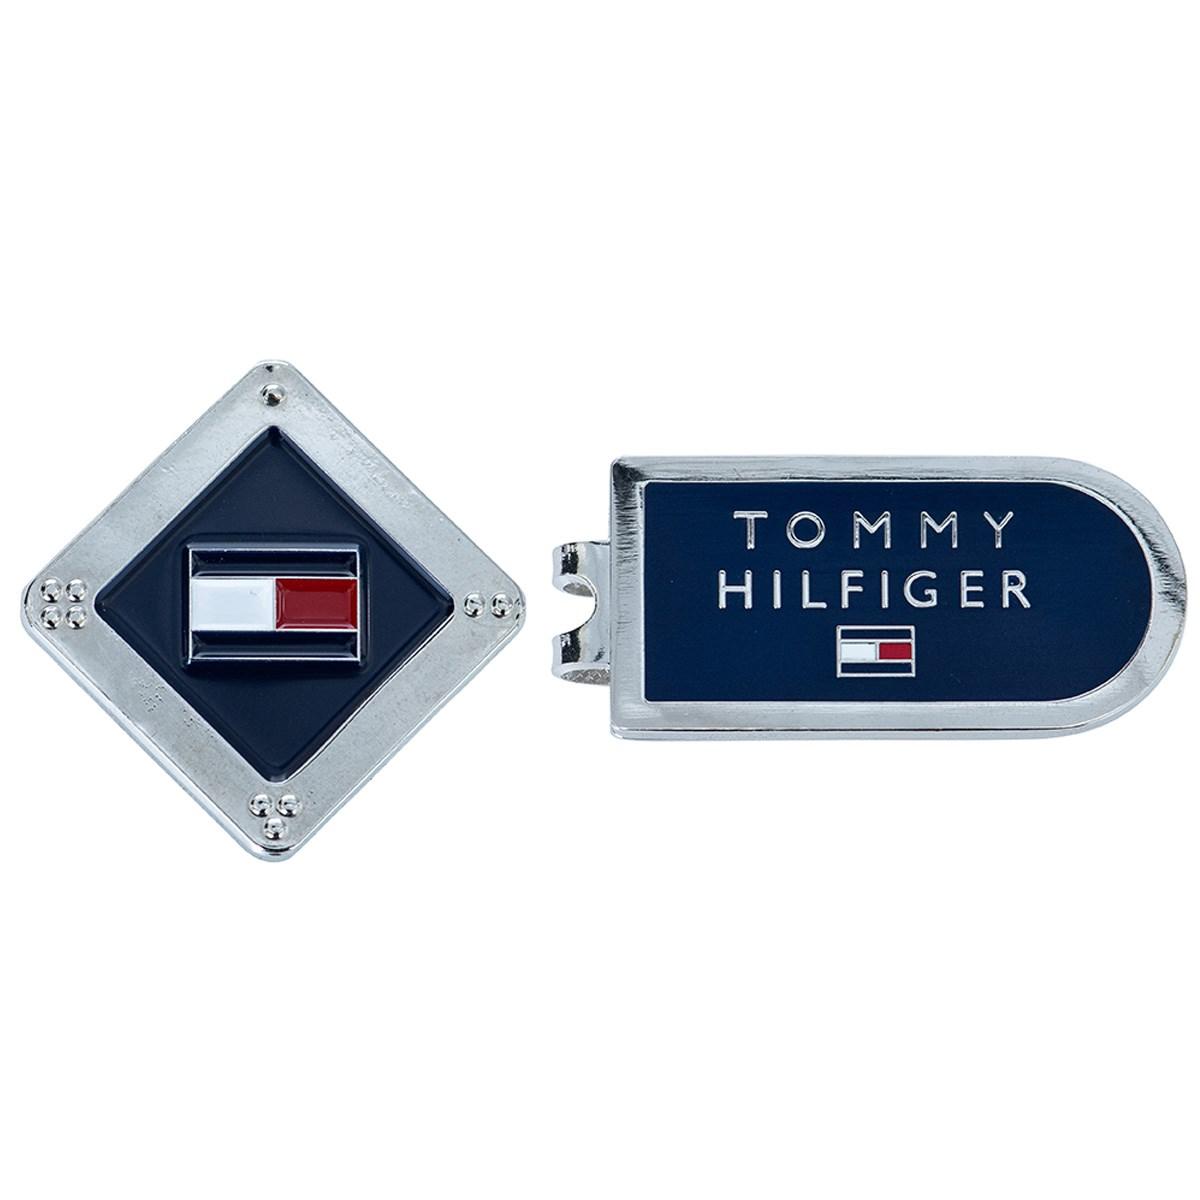 トミー ヒルフィガー ゴルフ TOMMY HILFIGER GOLF メタルマーカー ネイビー 30